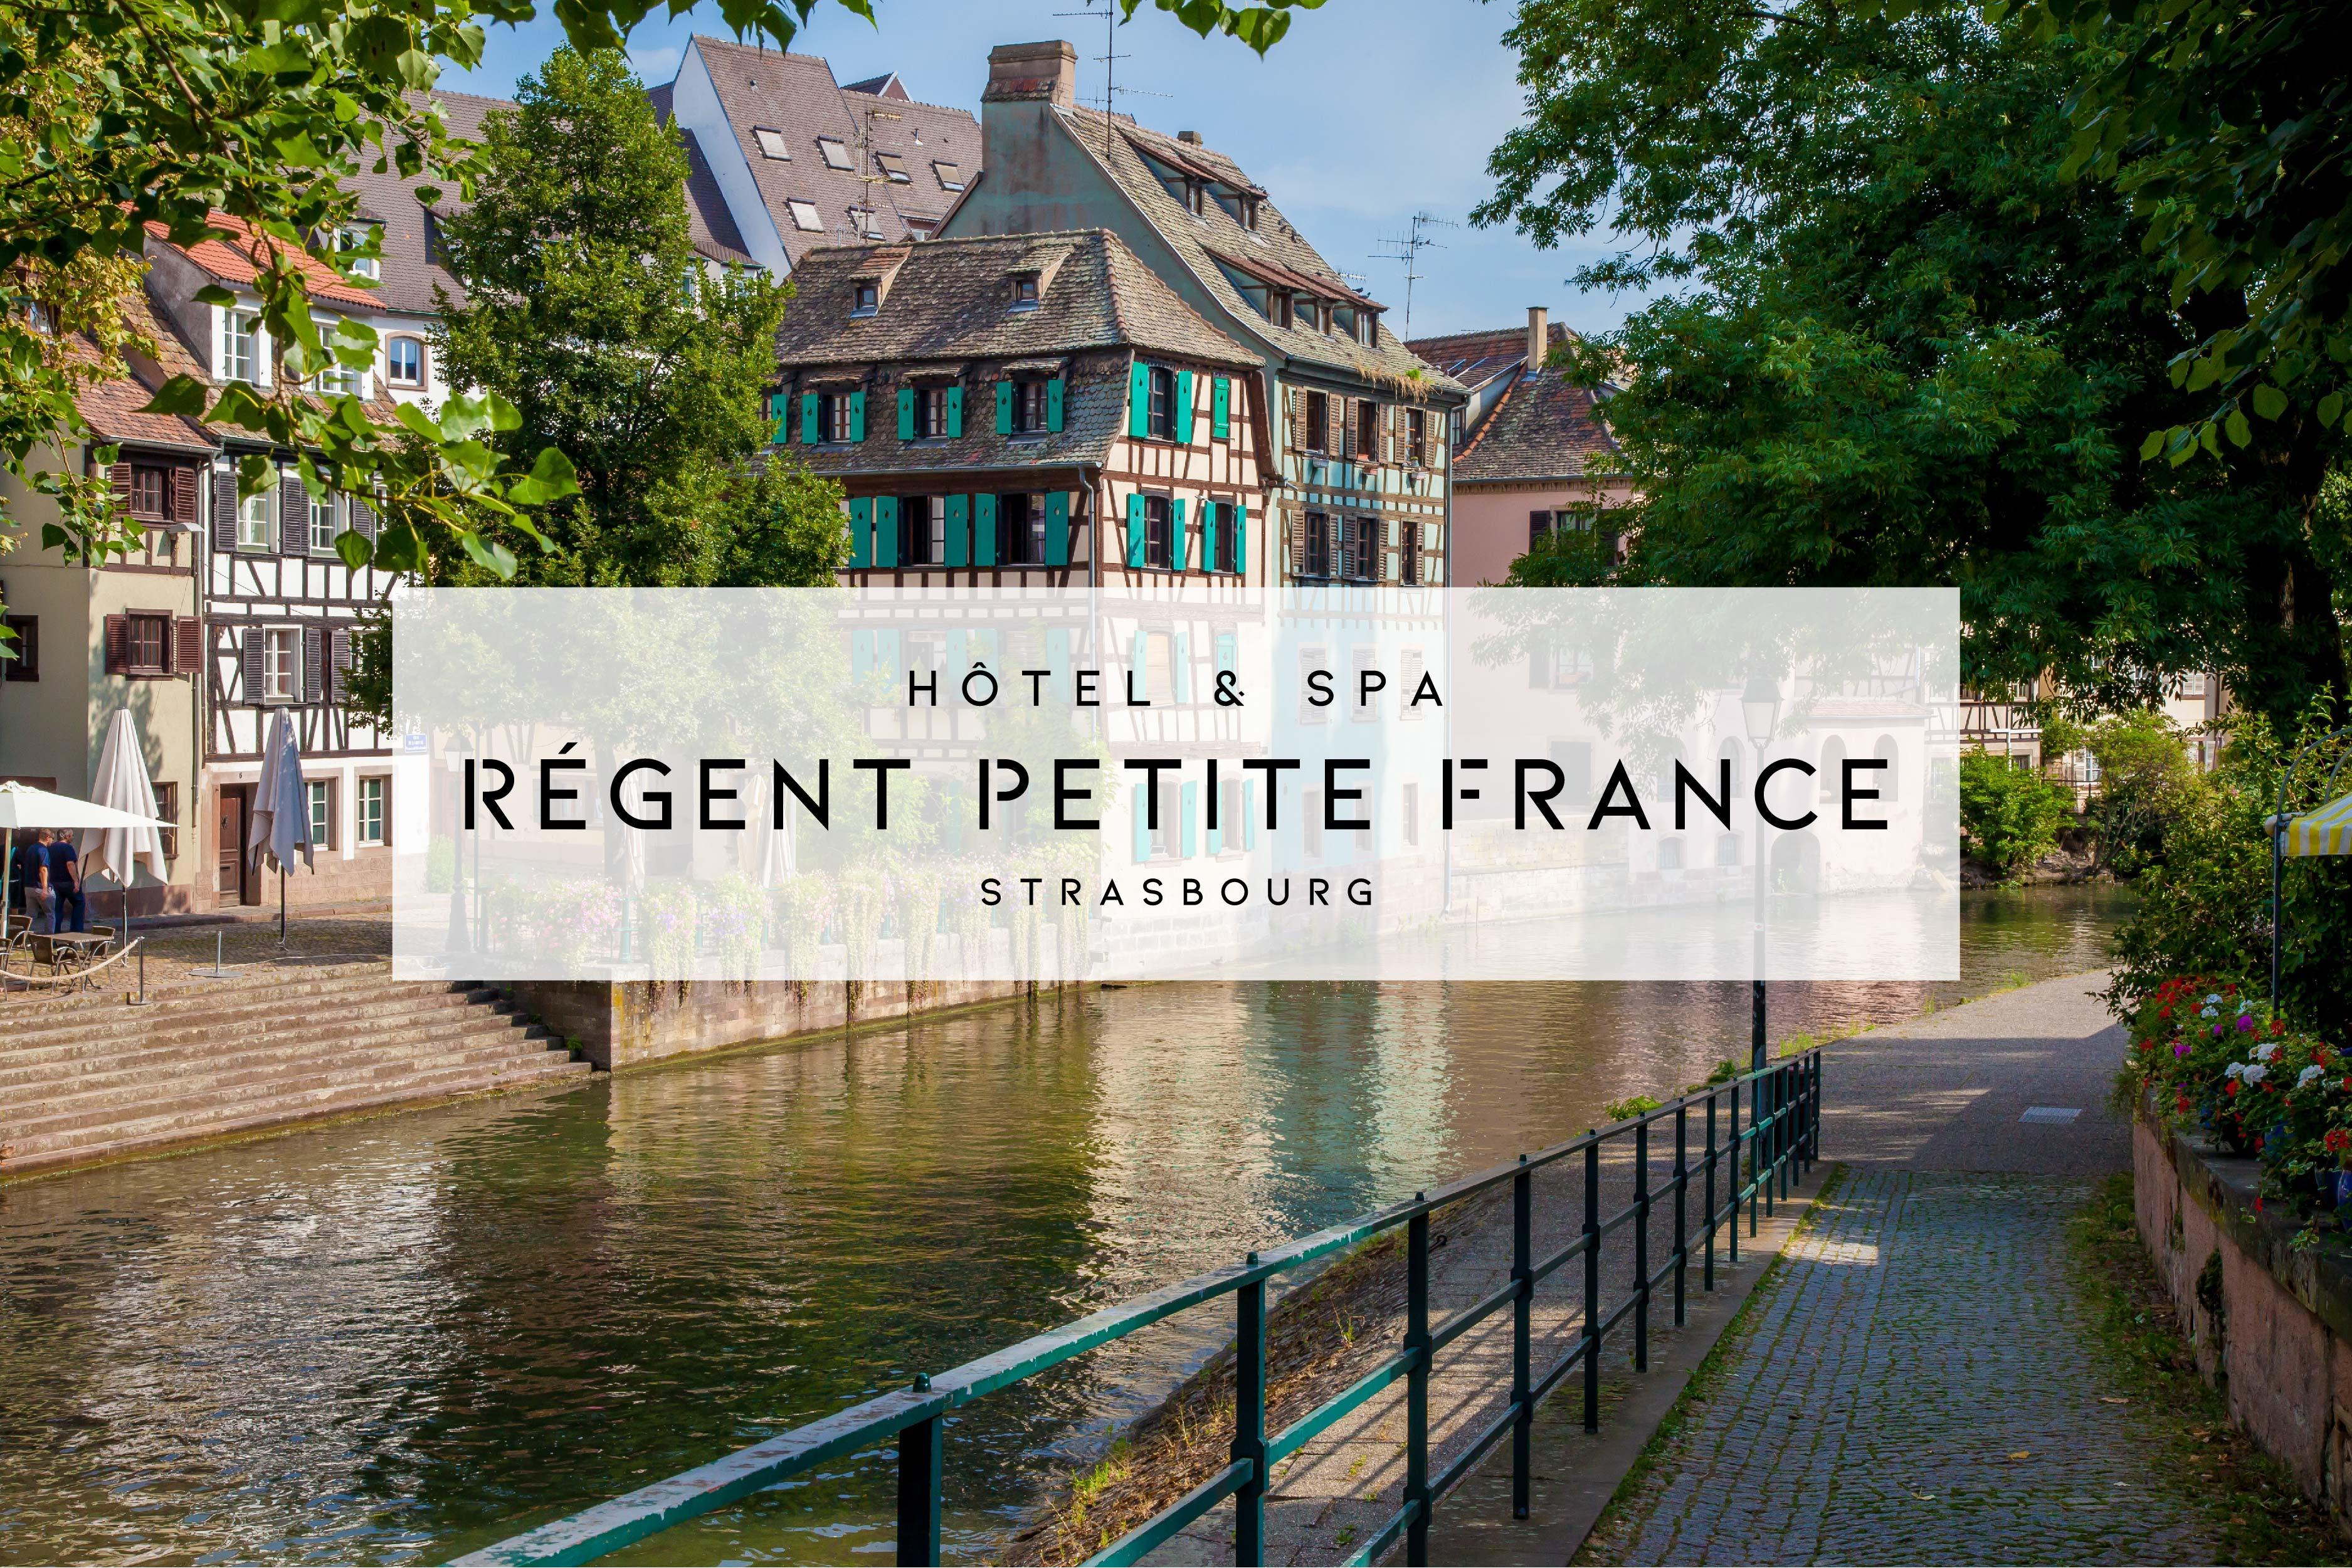 Hôtel & Spa Regent Petite France Strasbourg Logo